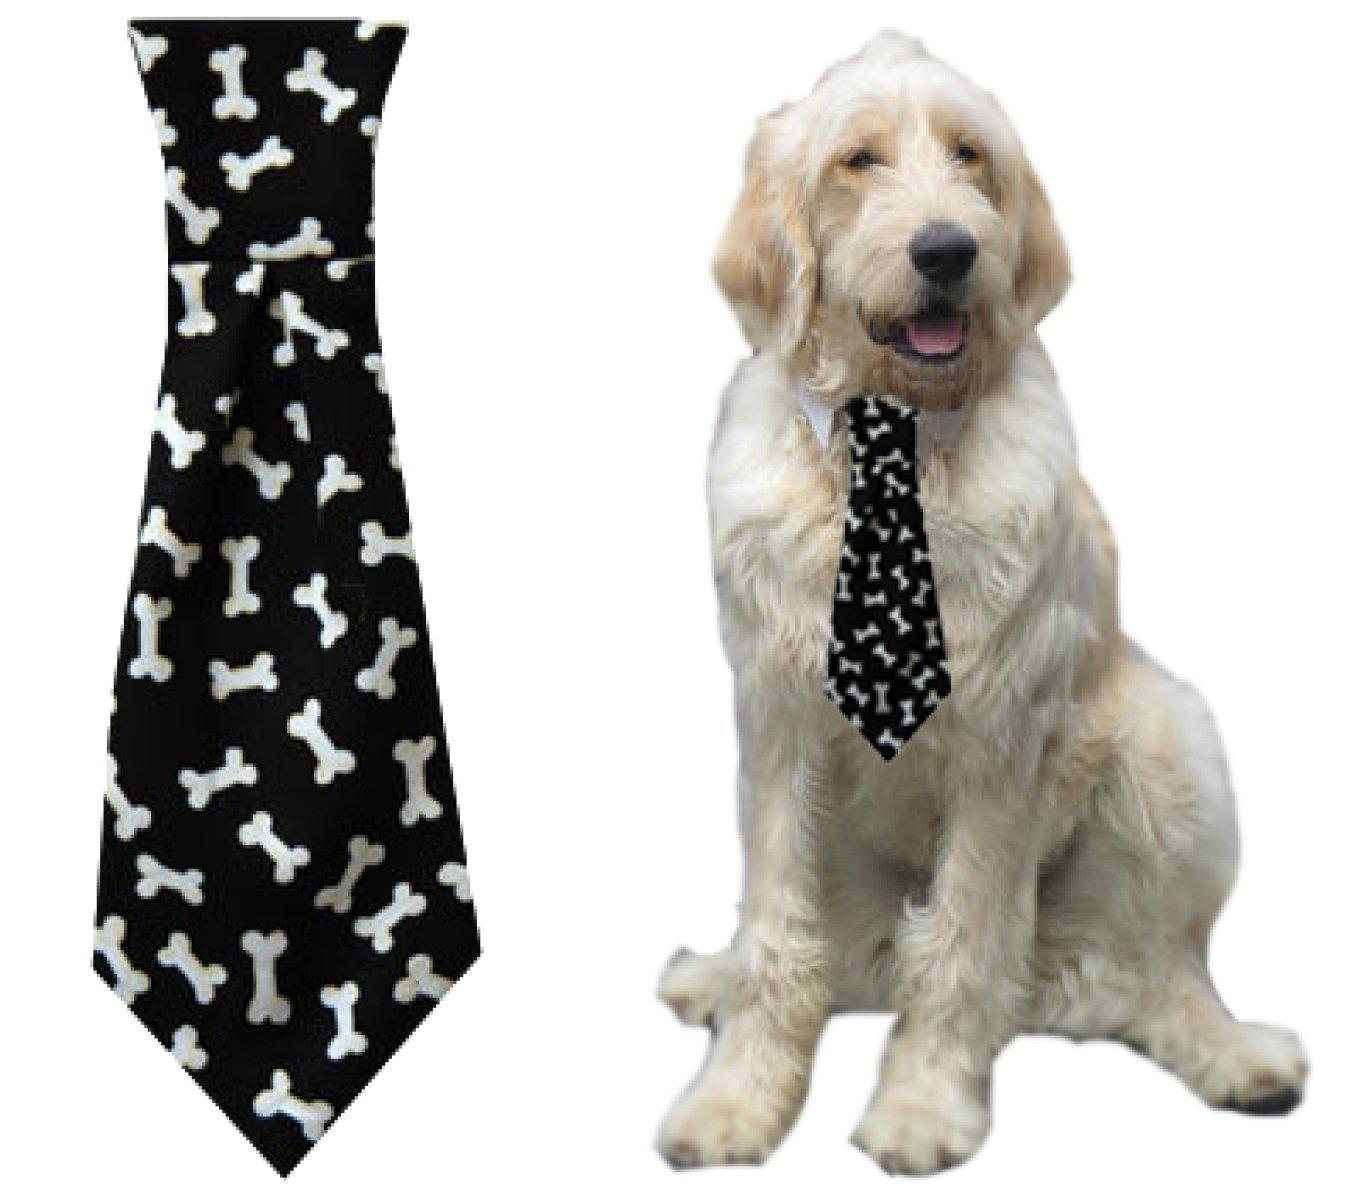 dog wearing bone-print necktie